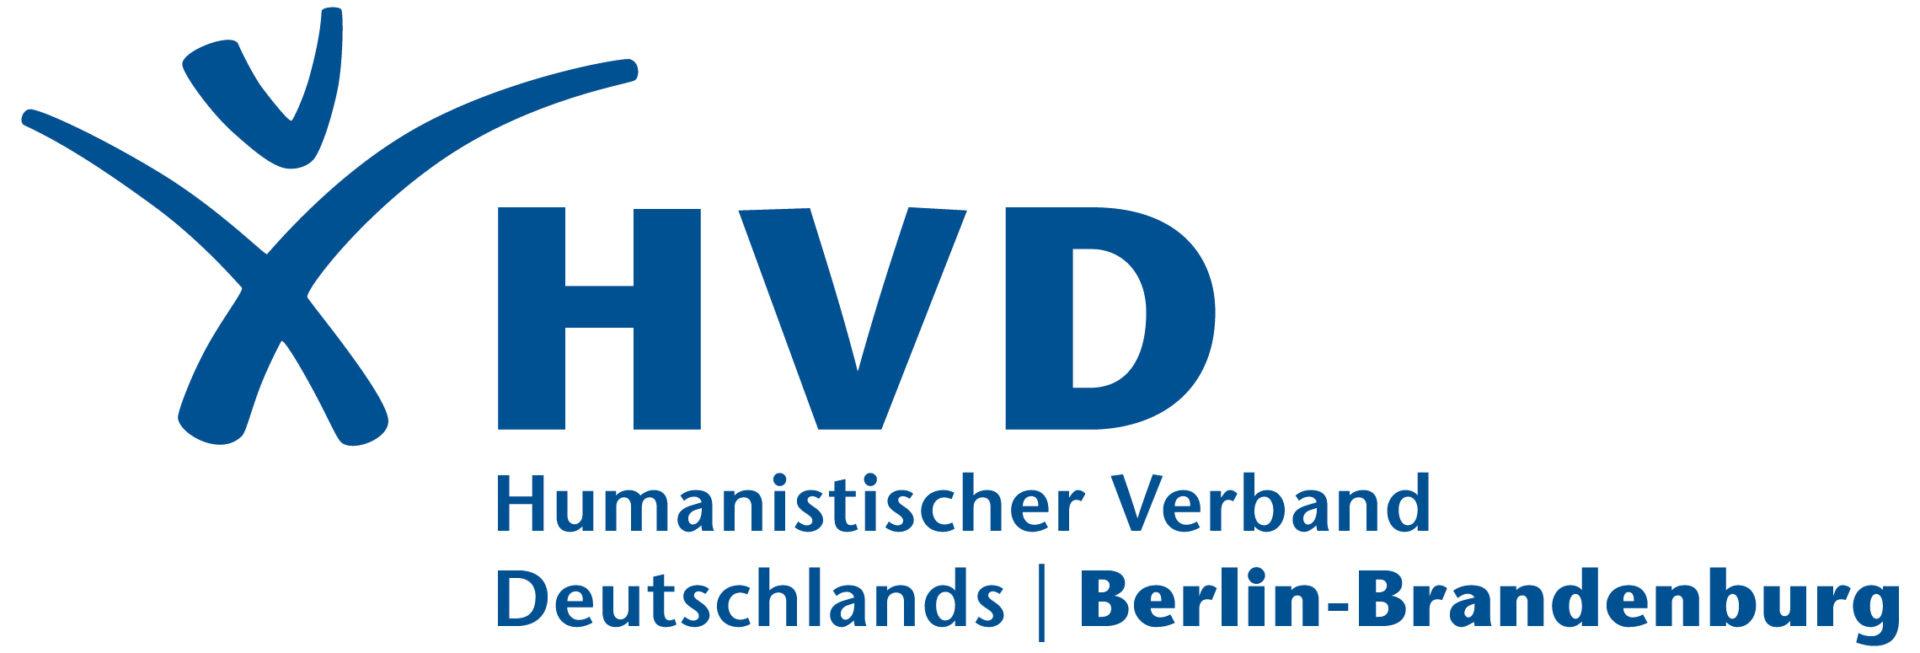 Humanistischer Verband Berlin-Brandenburg KdöR